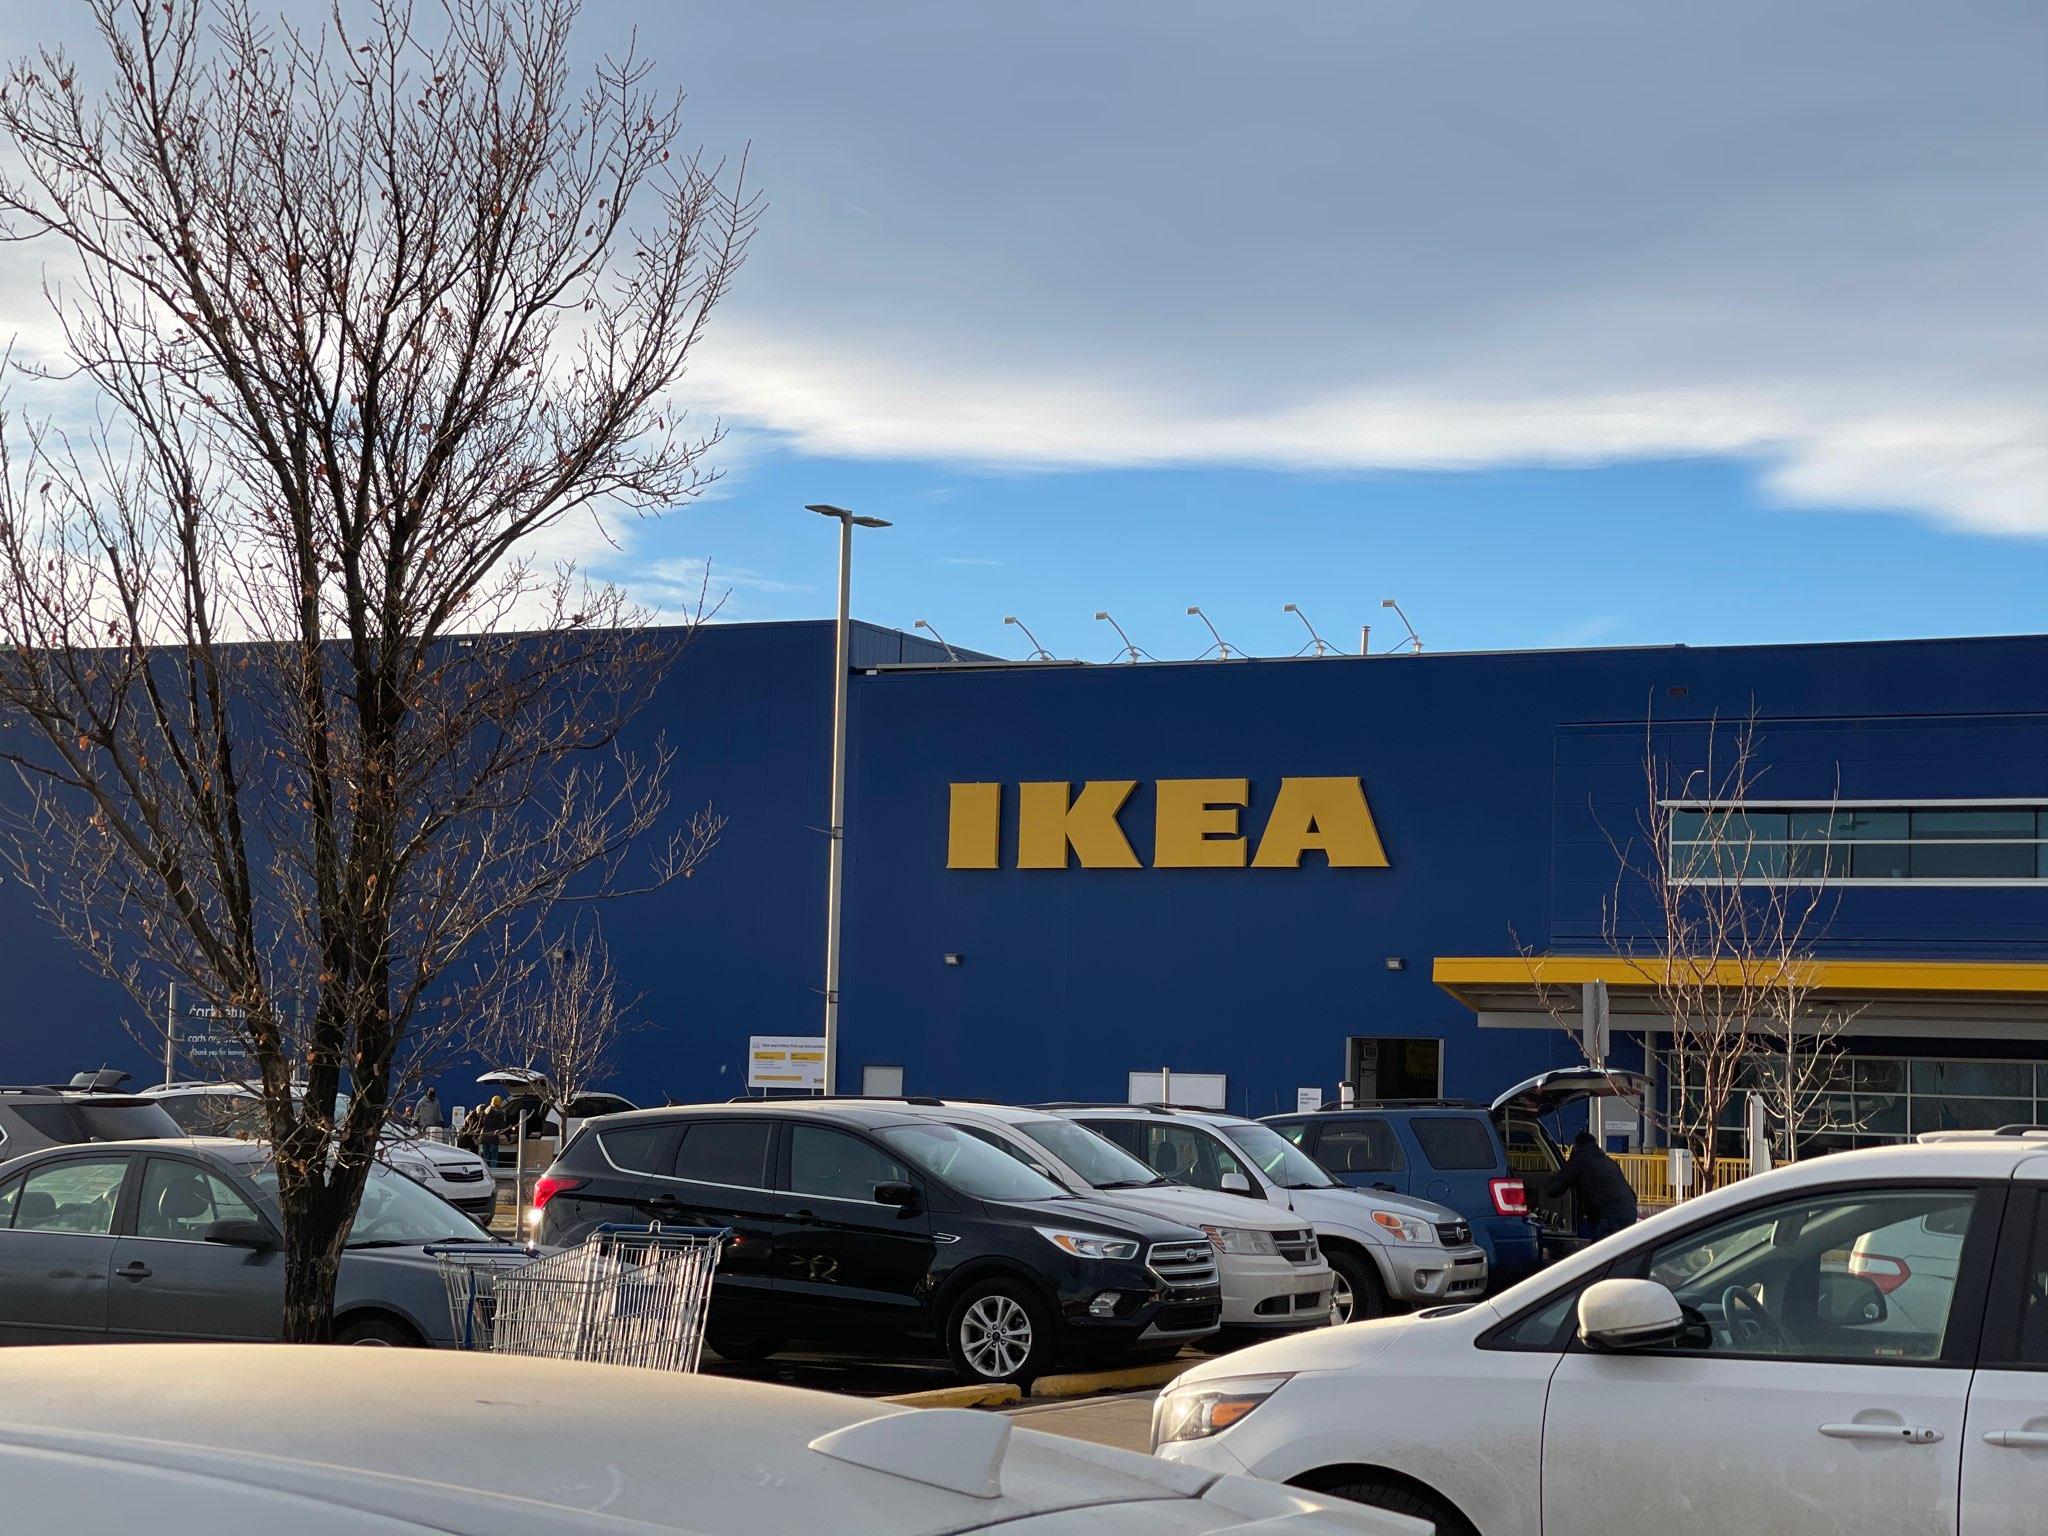 Ikea shop